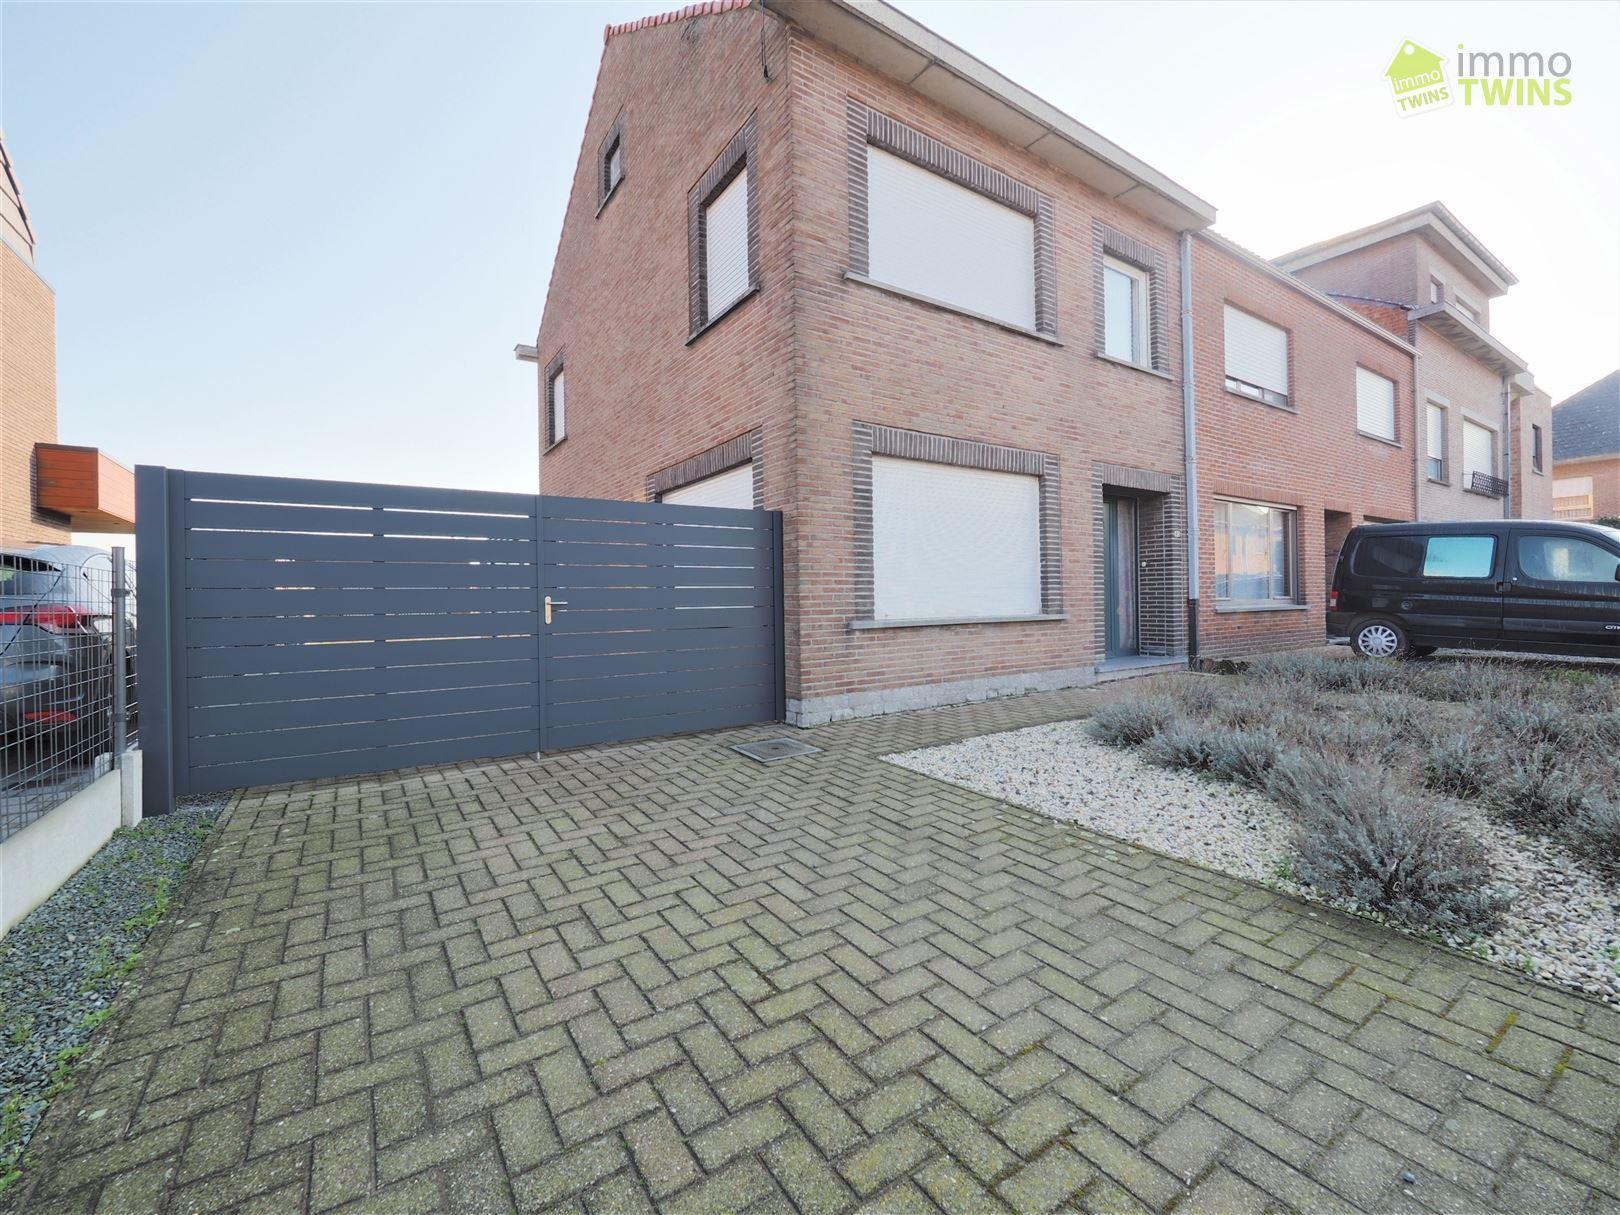 Foto 23 : Huis te 9200 SINT-GILLIS-DENDERMONDE (België) - Prijs € 259.000